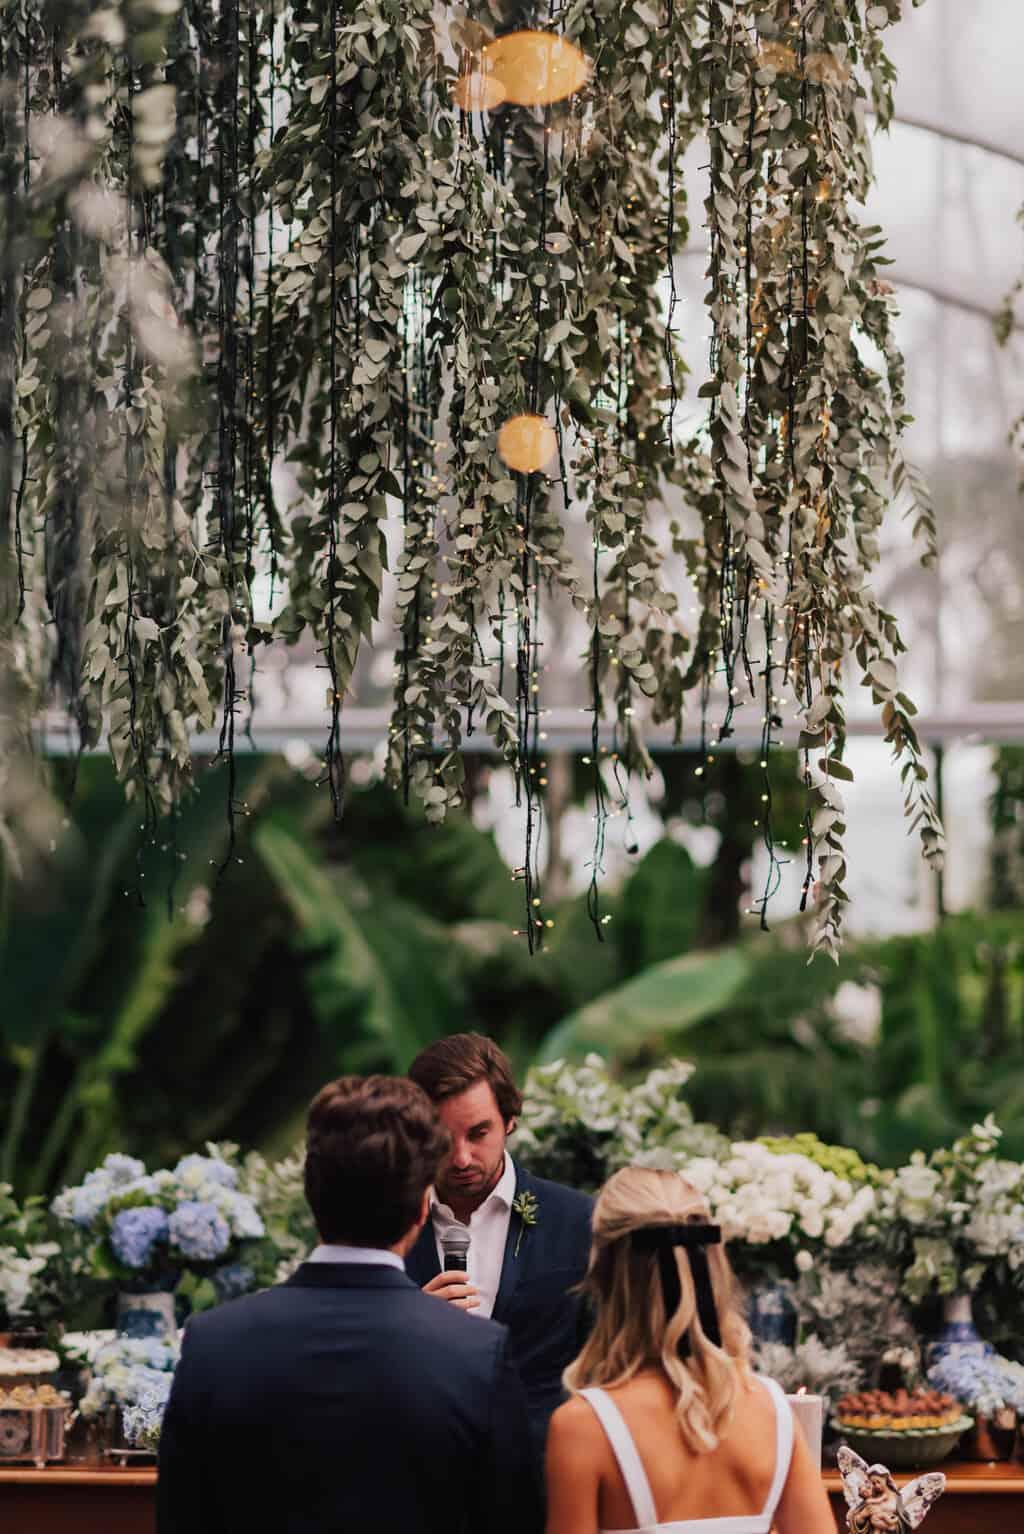 casamento-Maitê-e-Breno-cerimonia-no-jardim-Fotografia-Mana-Gollo-Hotel-Timbó-Park45